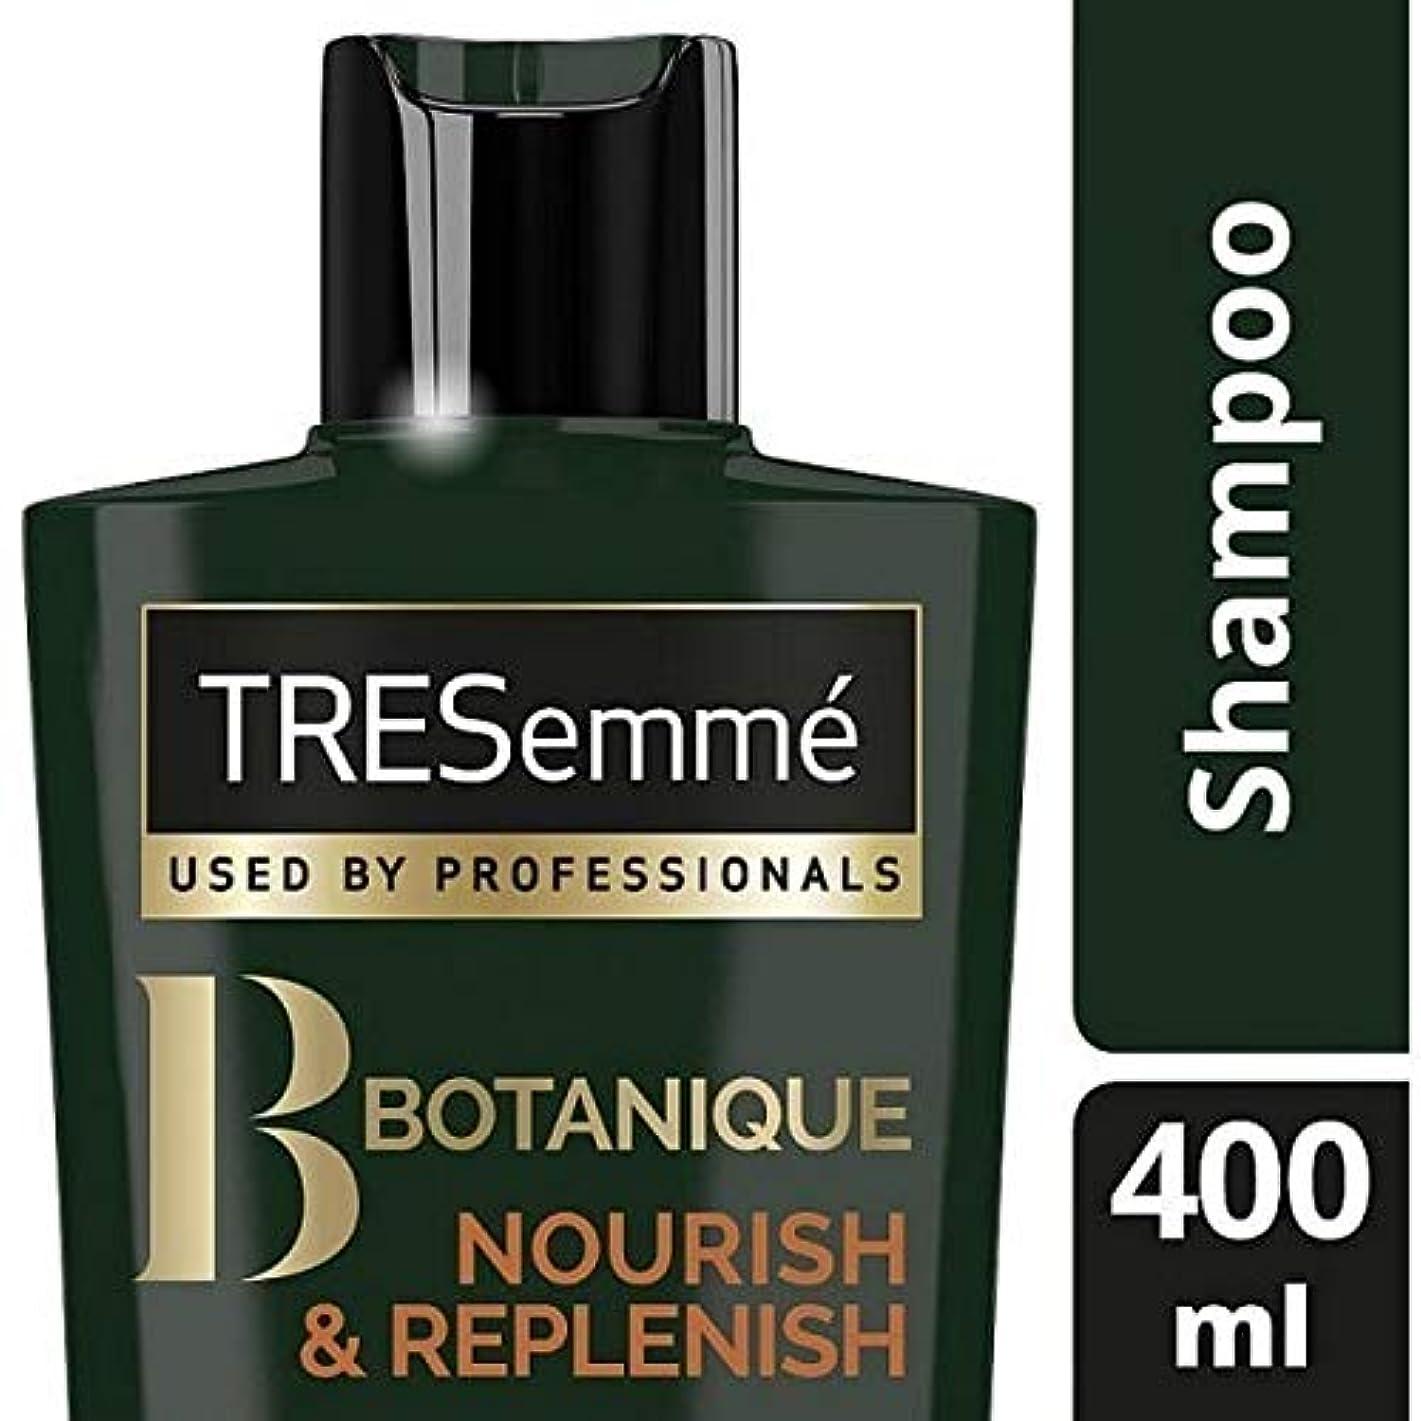 難破船メインカヌー[Tresemme] Tresemmeのボタニックはシャンプー400ミリリットルを養う&補充します - TRESemme Botanique Nourish & Replenish Shampoo 400ml [並行輸入品]